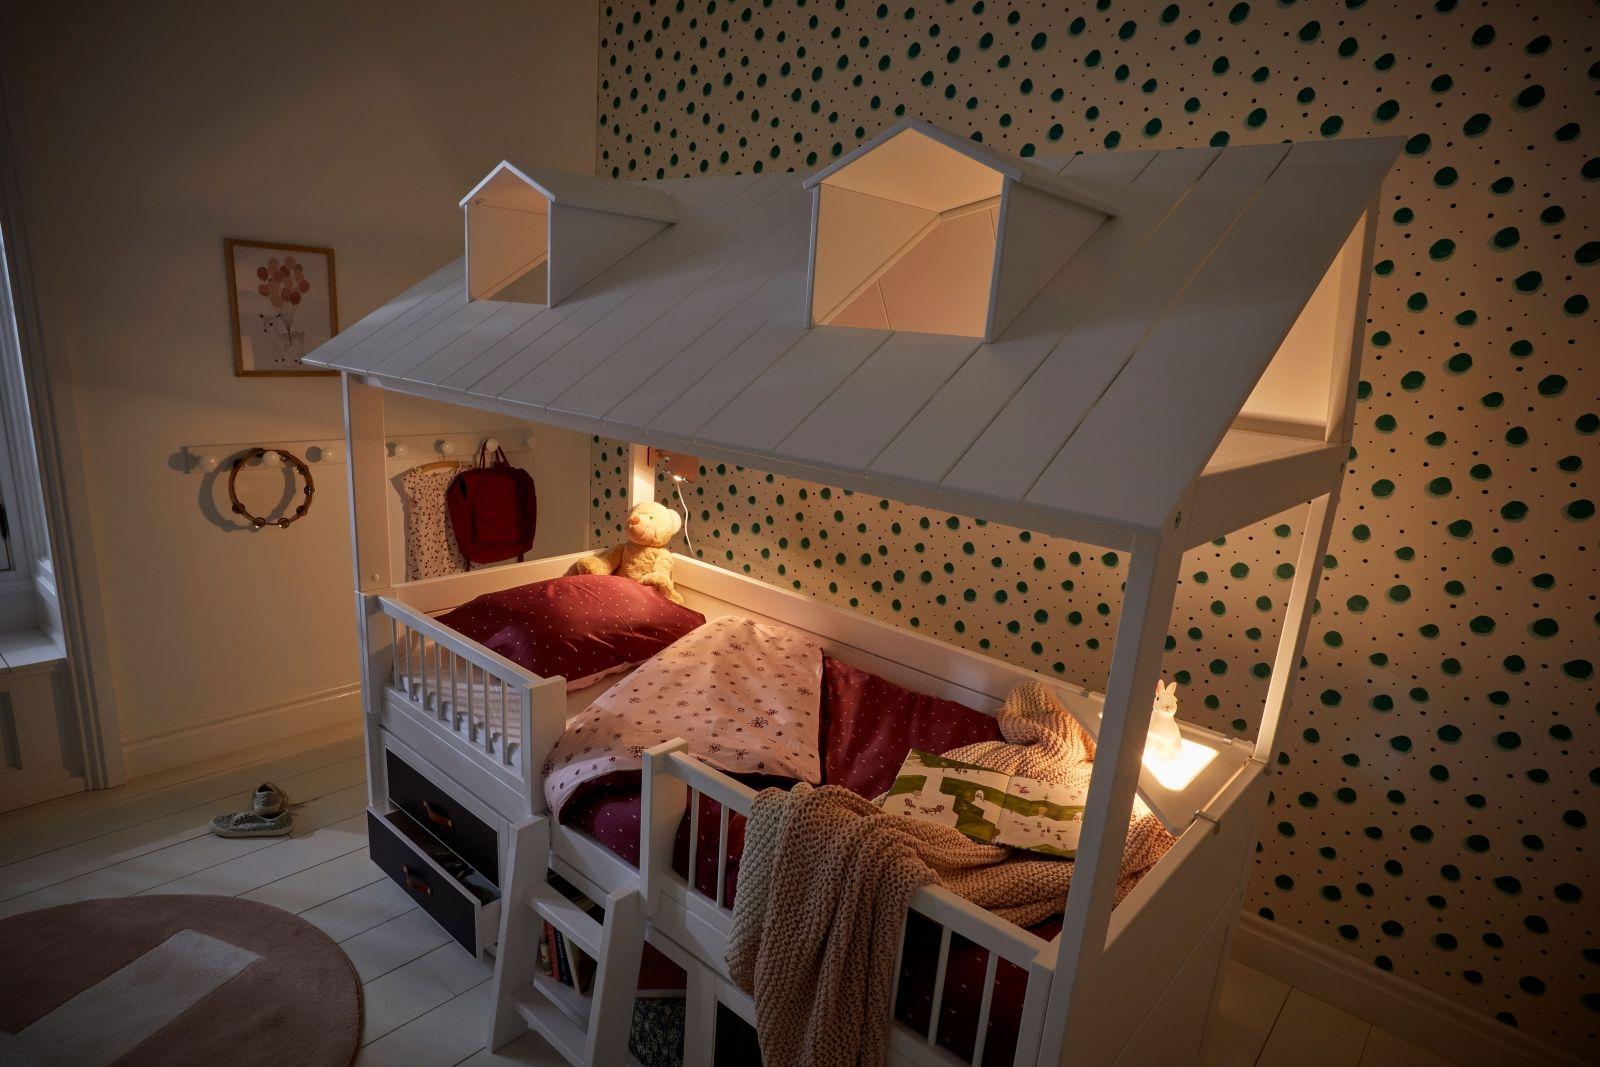 c5230e9abba Bij DEBA Meubelen vind je alle slaapkamer meubelen om te genieten ...